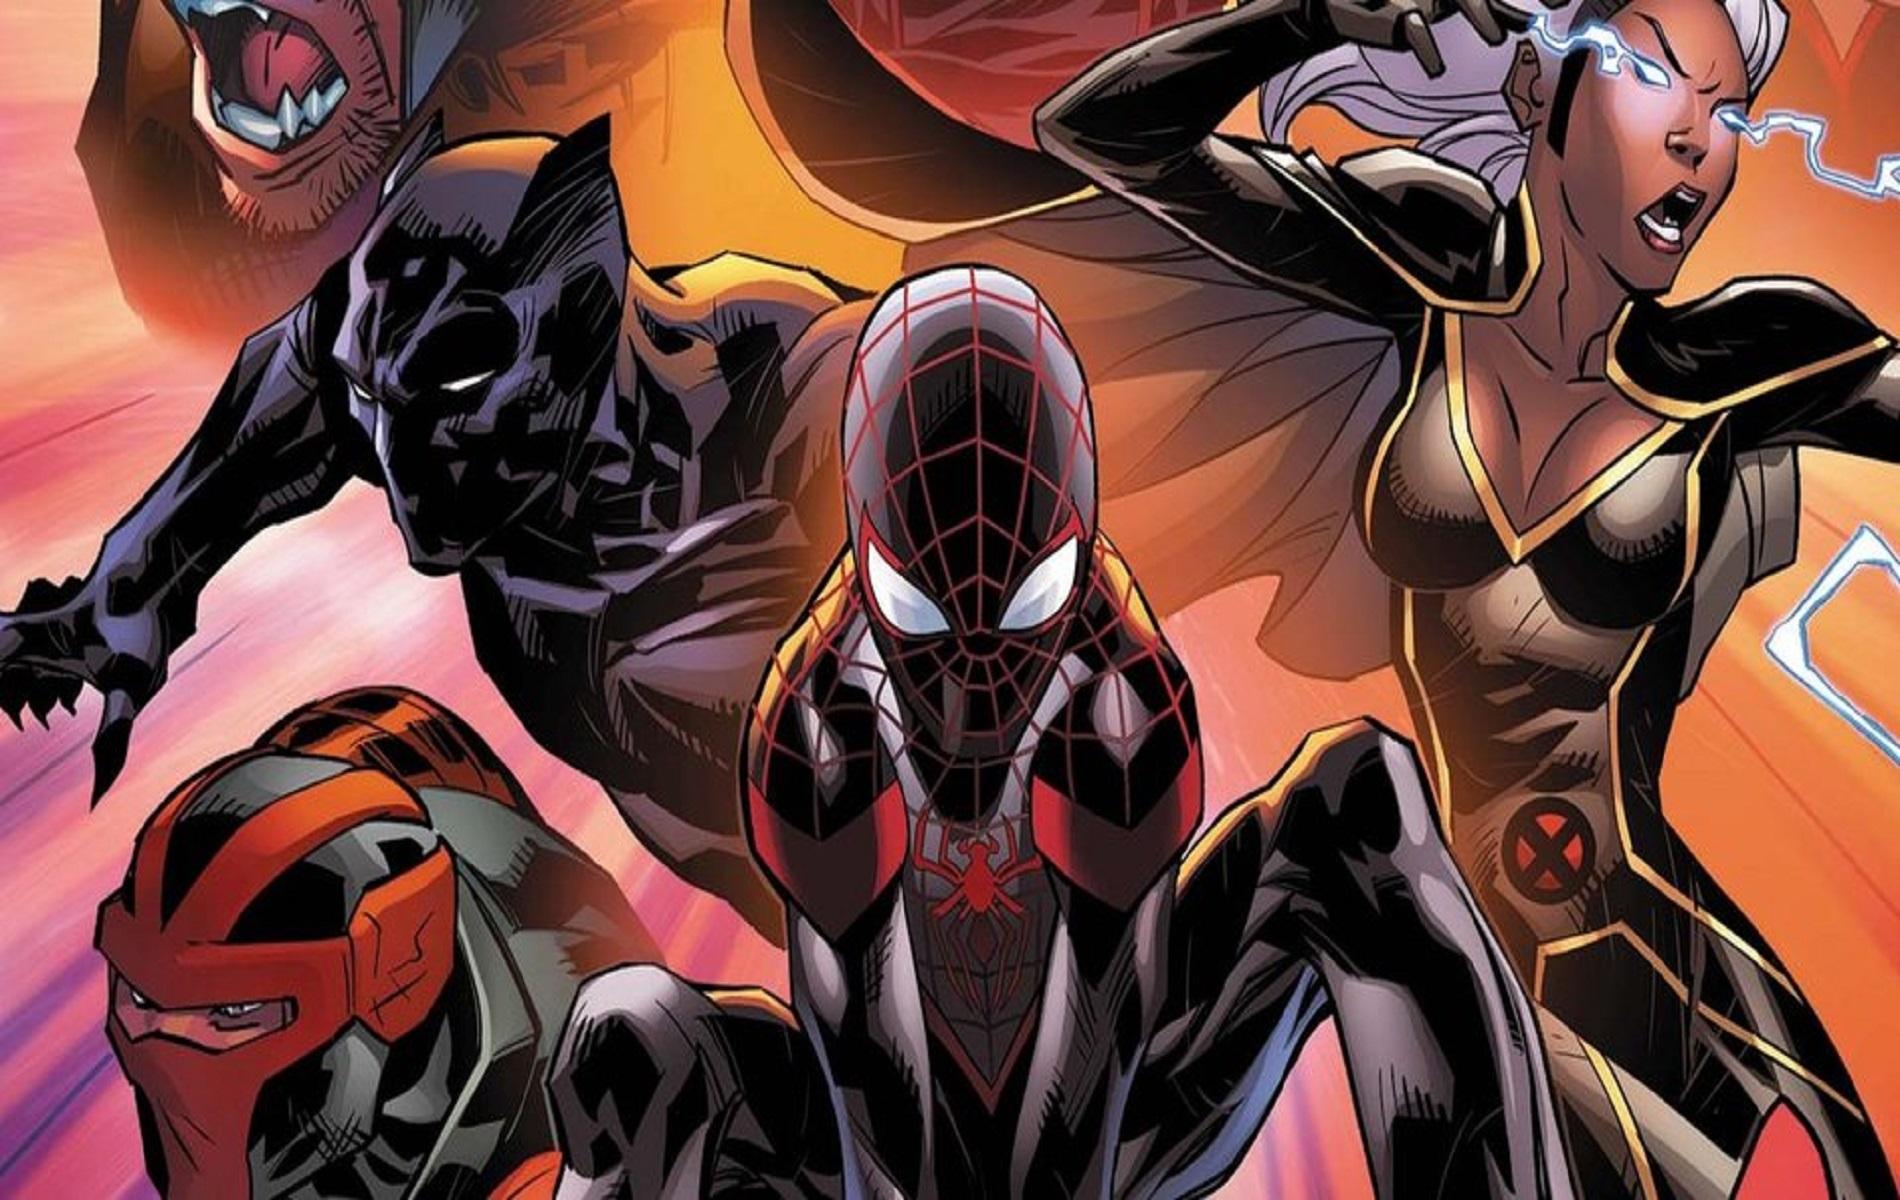 Marvel снова переписали историю происхождения Человека-паука